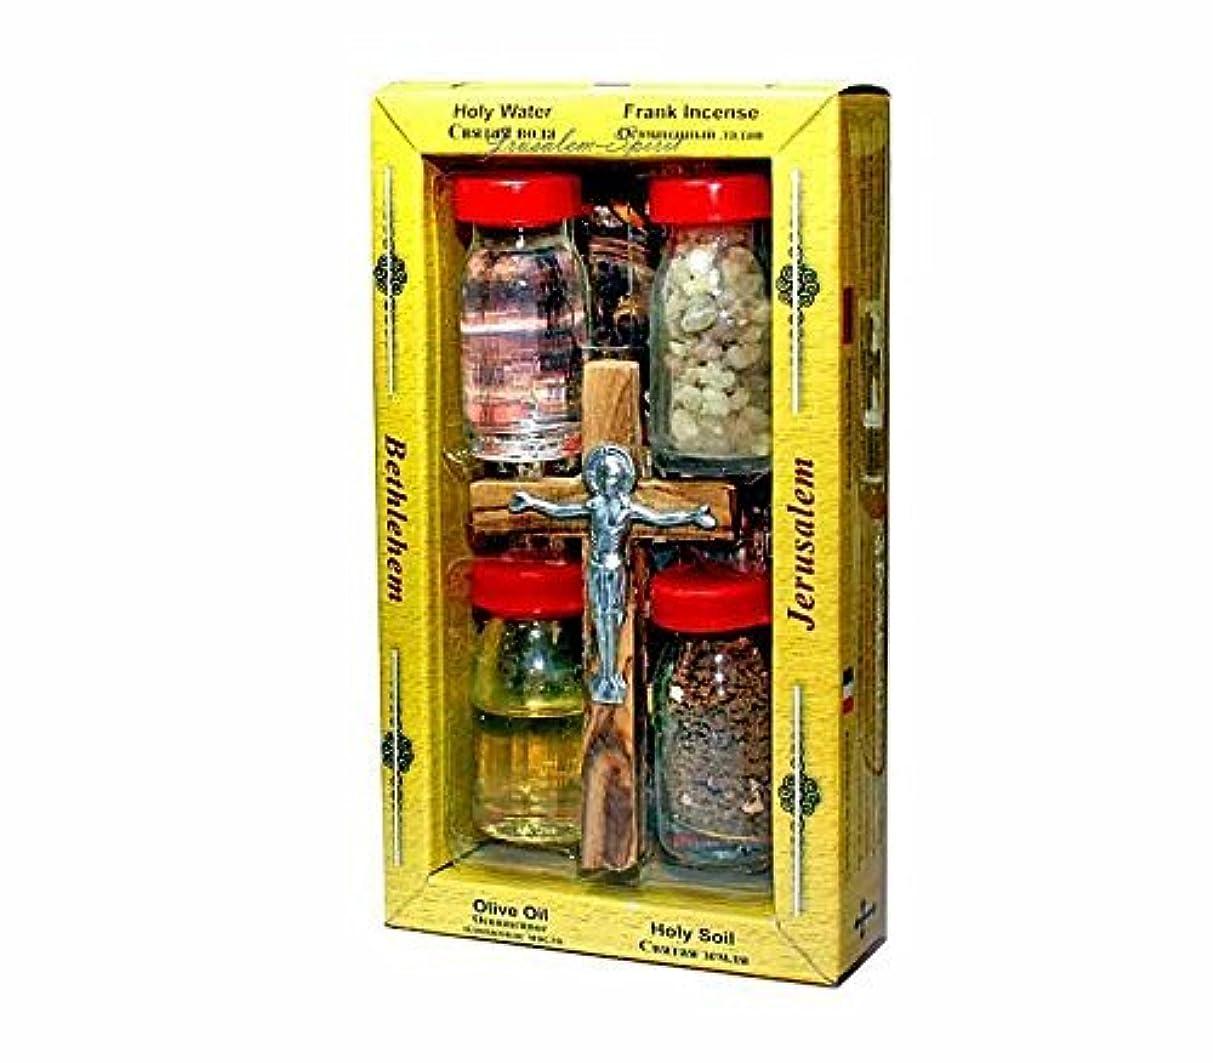 摩擦セッティング解釈オリーブウッド製クロスセット 4瓶 – 塗油 Bethlehem Gifts TM 製ヨルダン川の水 聖なる地球と香